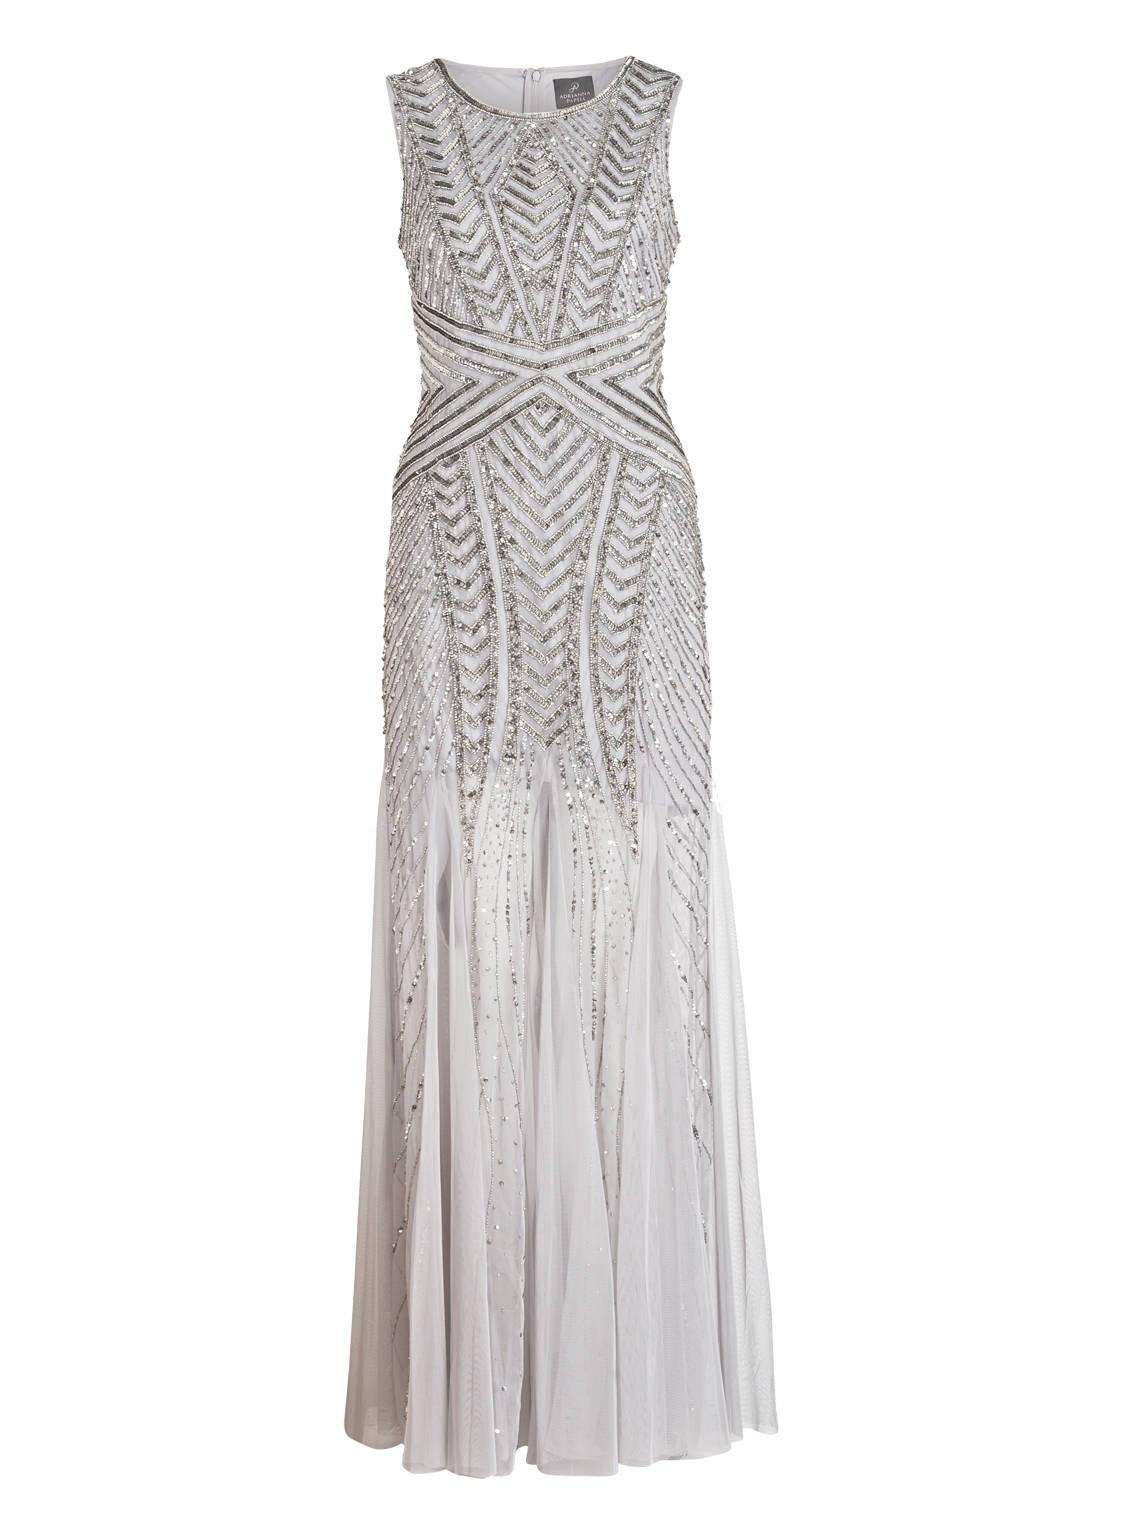 Kleid Wollweiß - Bodyflirt Jetzt Im Online Shop Von Bonprix